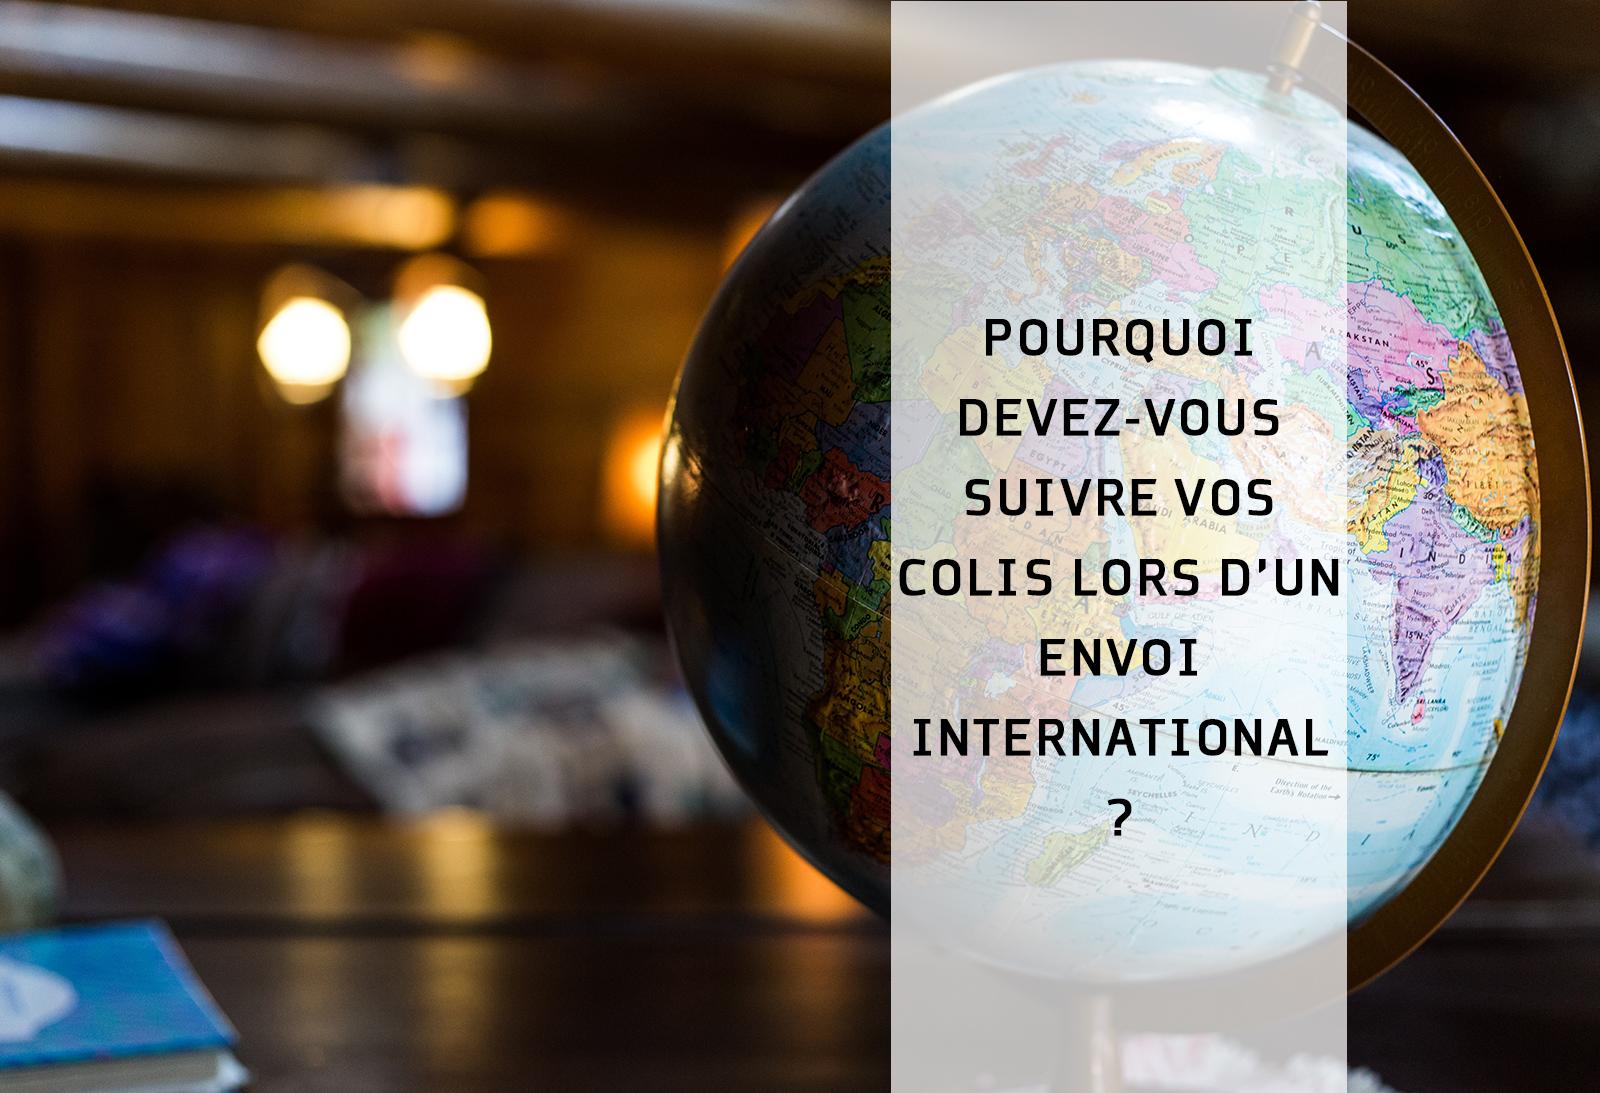 Suivi Colis International